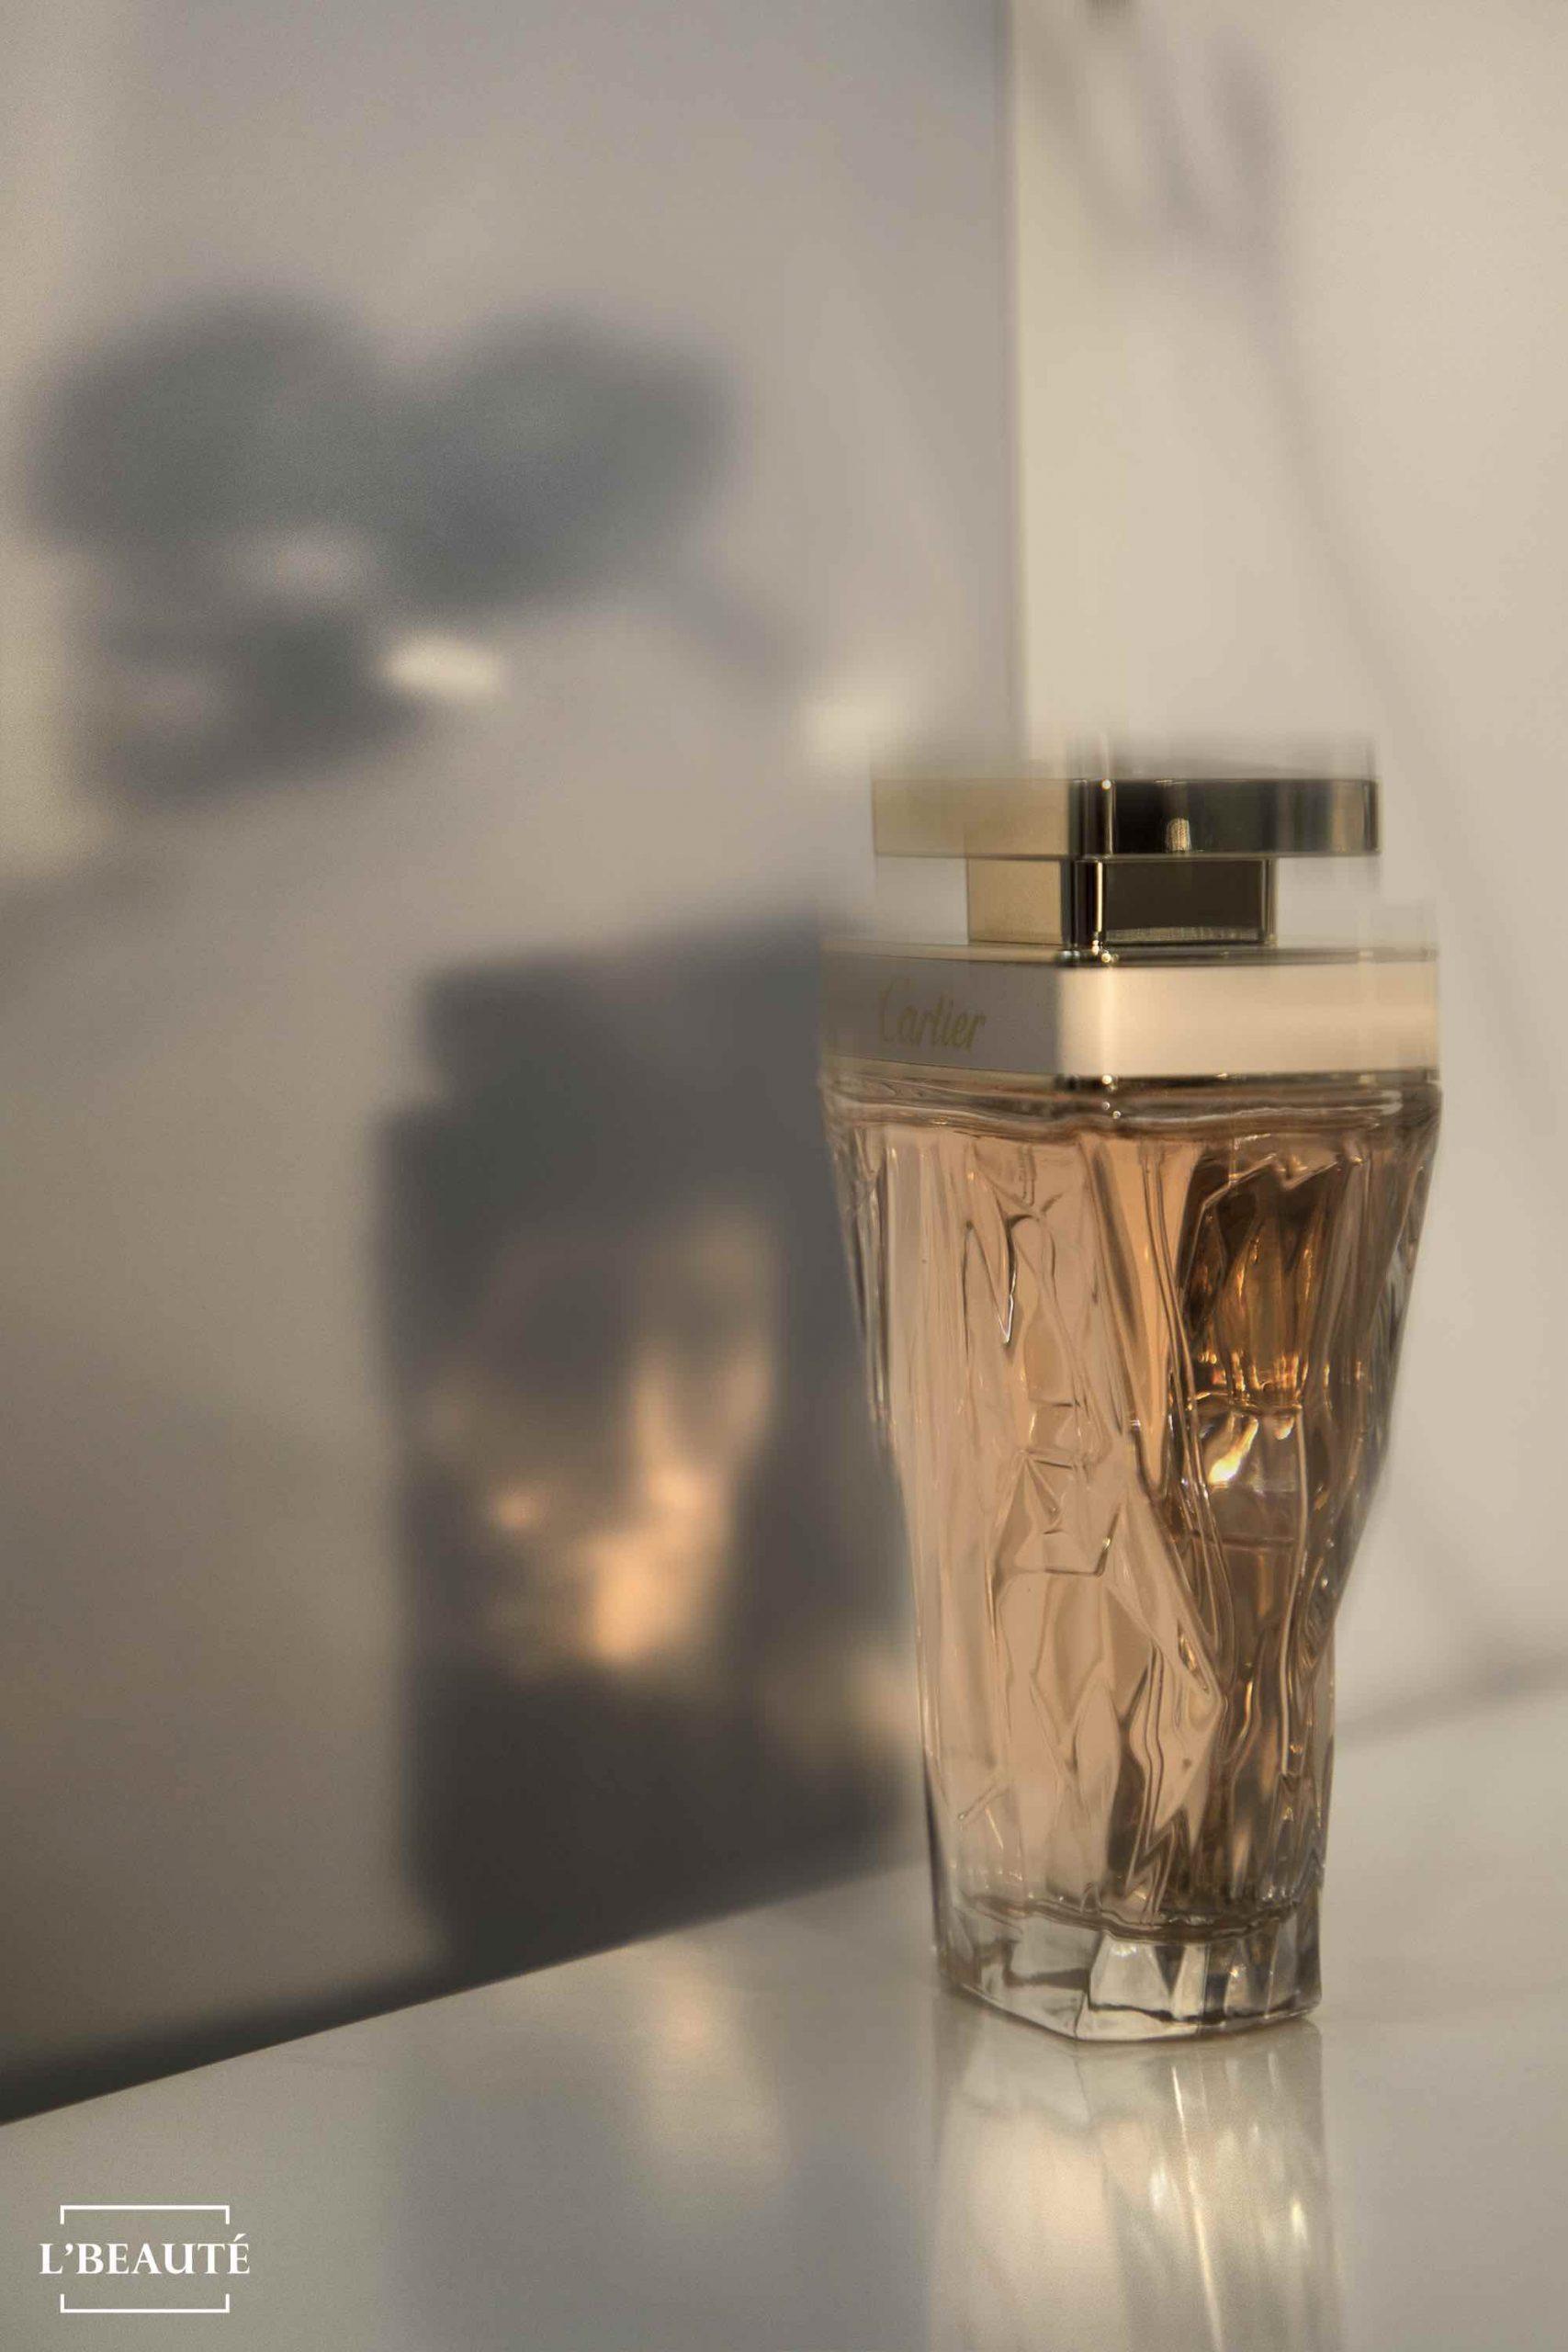 Descubre el perfume ideal según tu personalidad